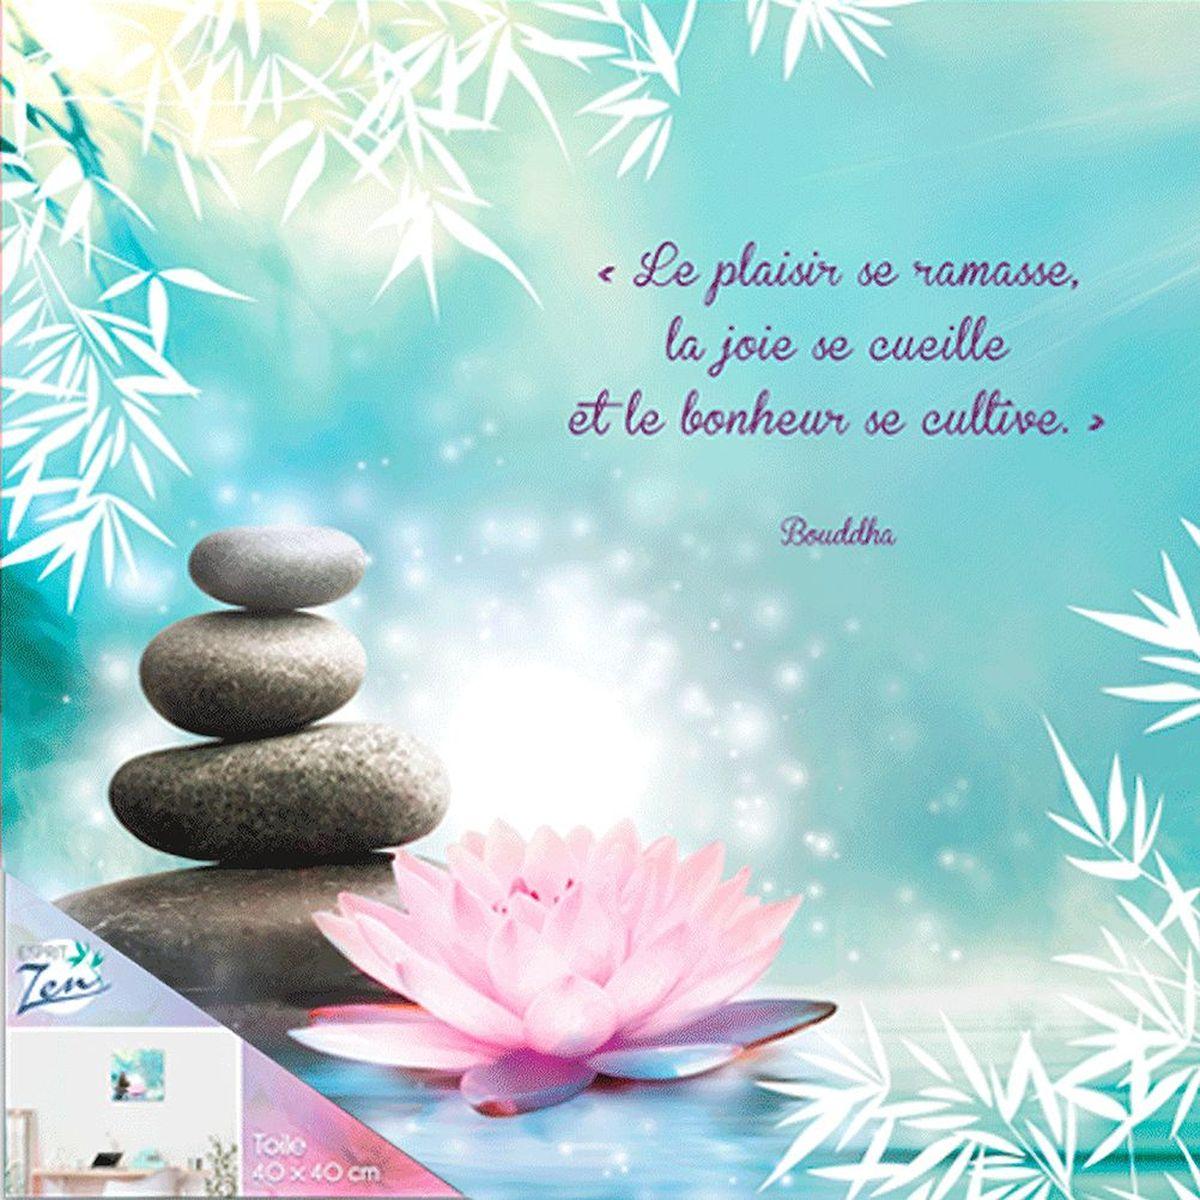 Cadre Citation Bouddha Zen 40 X 40 Cm Le Plaisir